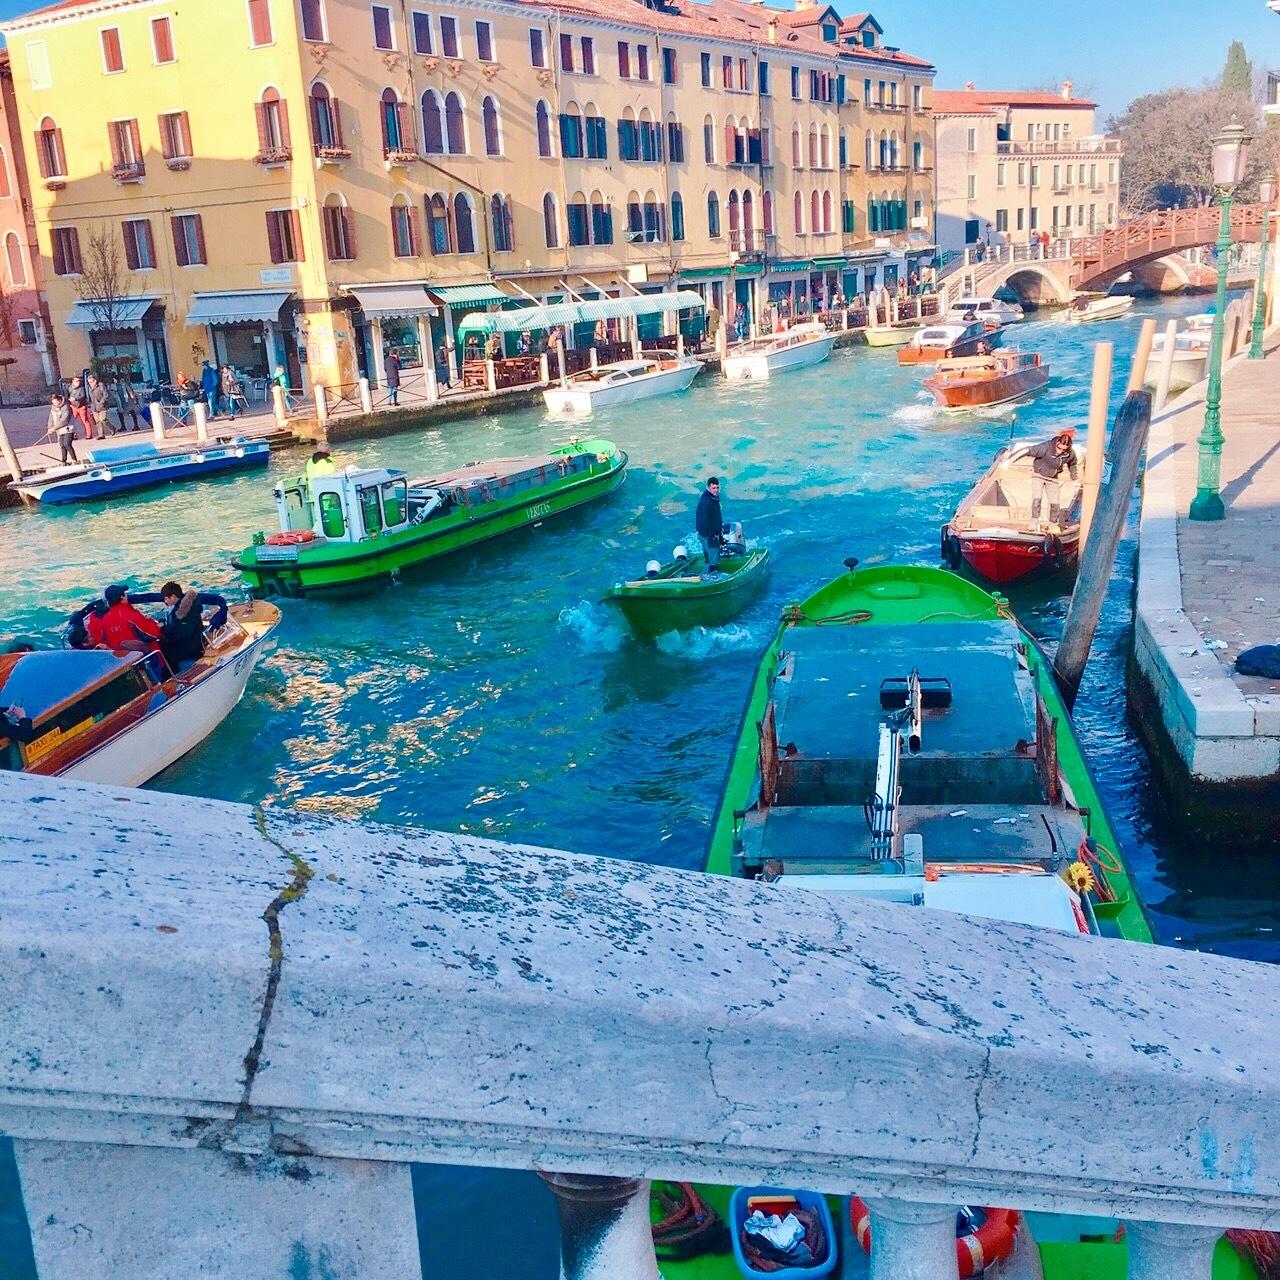 ロマンチックなイタリア旅行 --水の都【ベネチア】を観光--_1_3-3